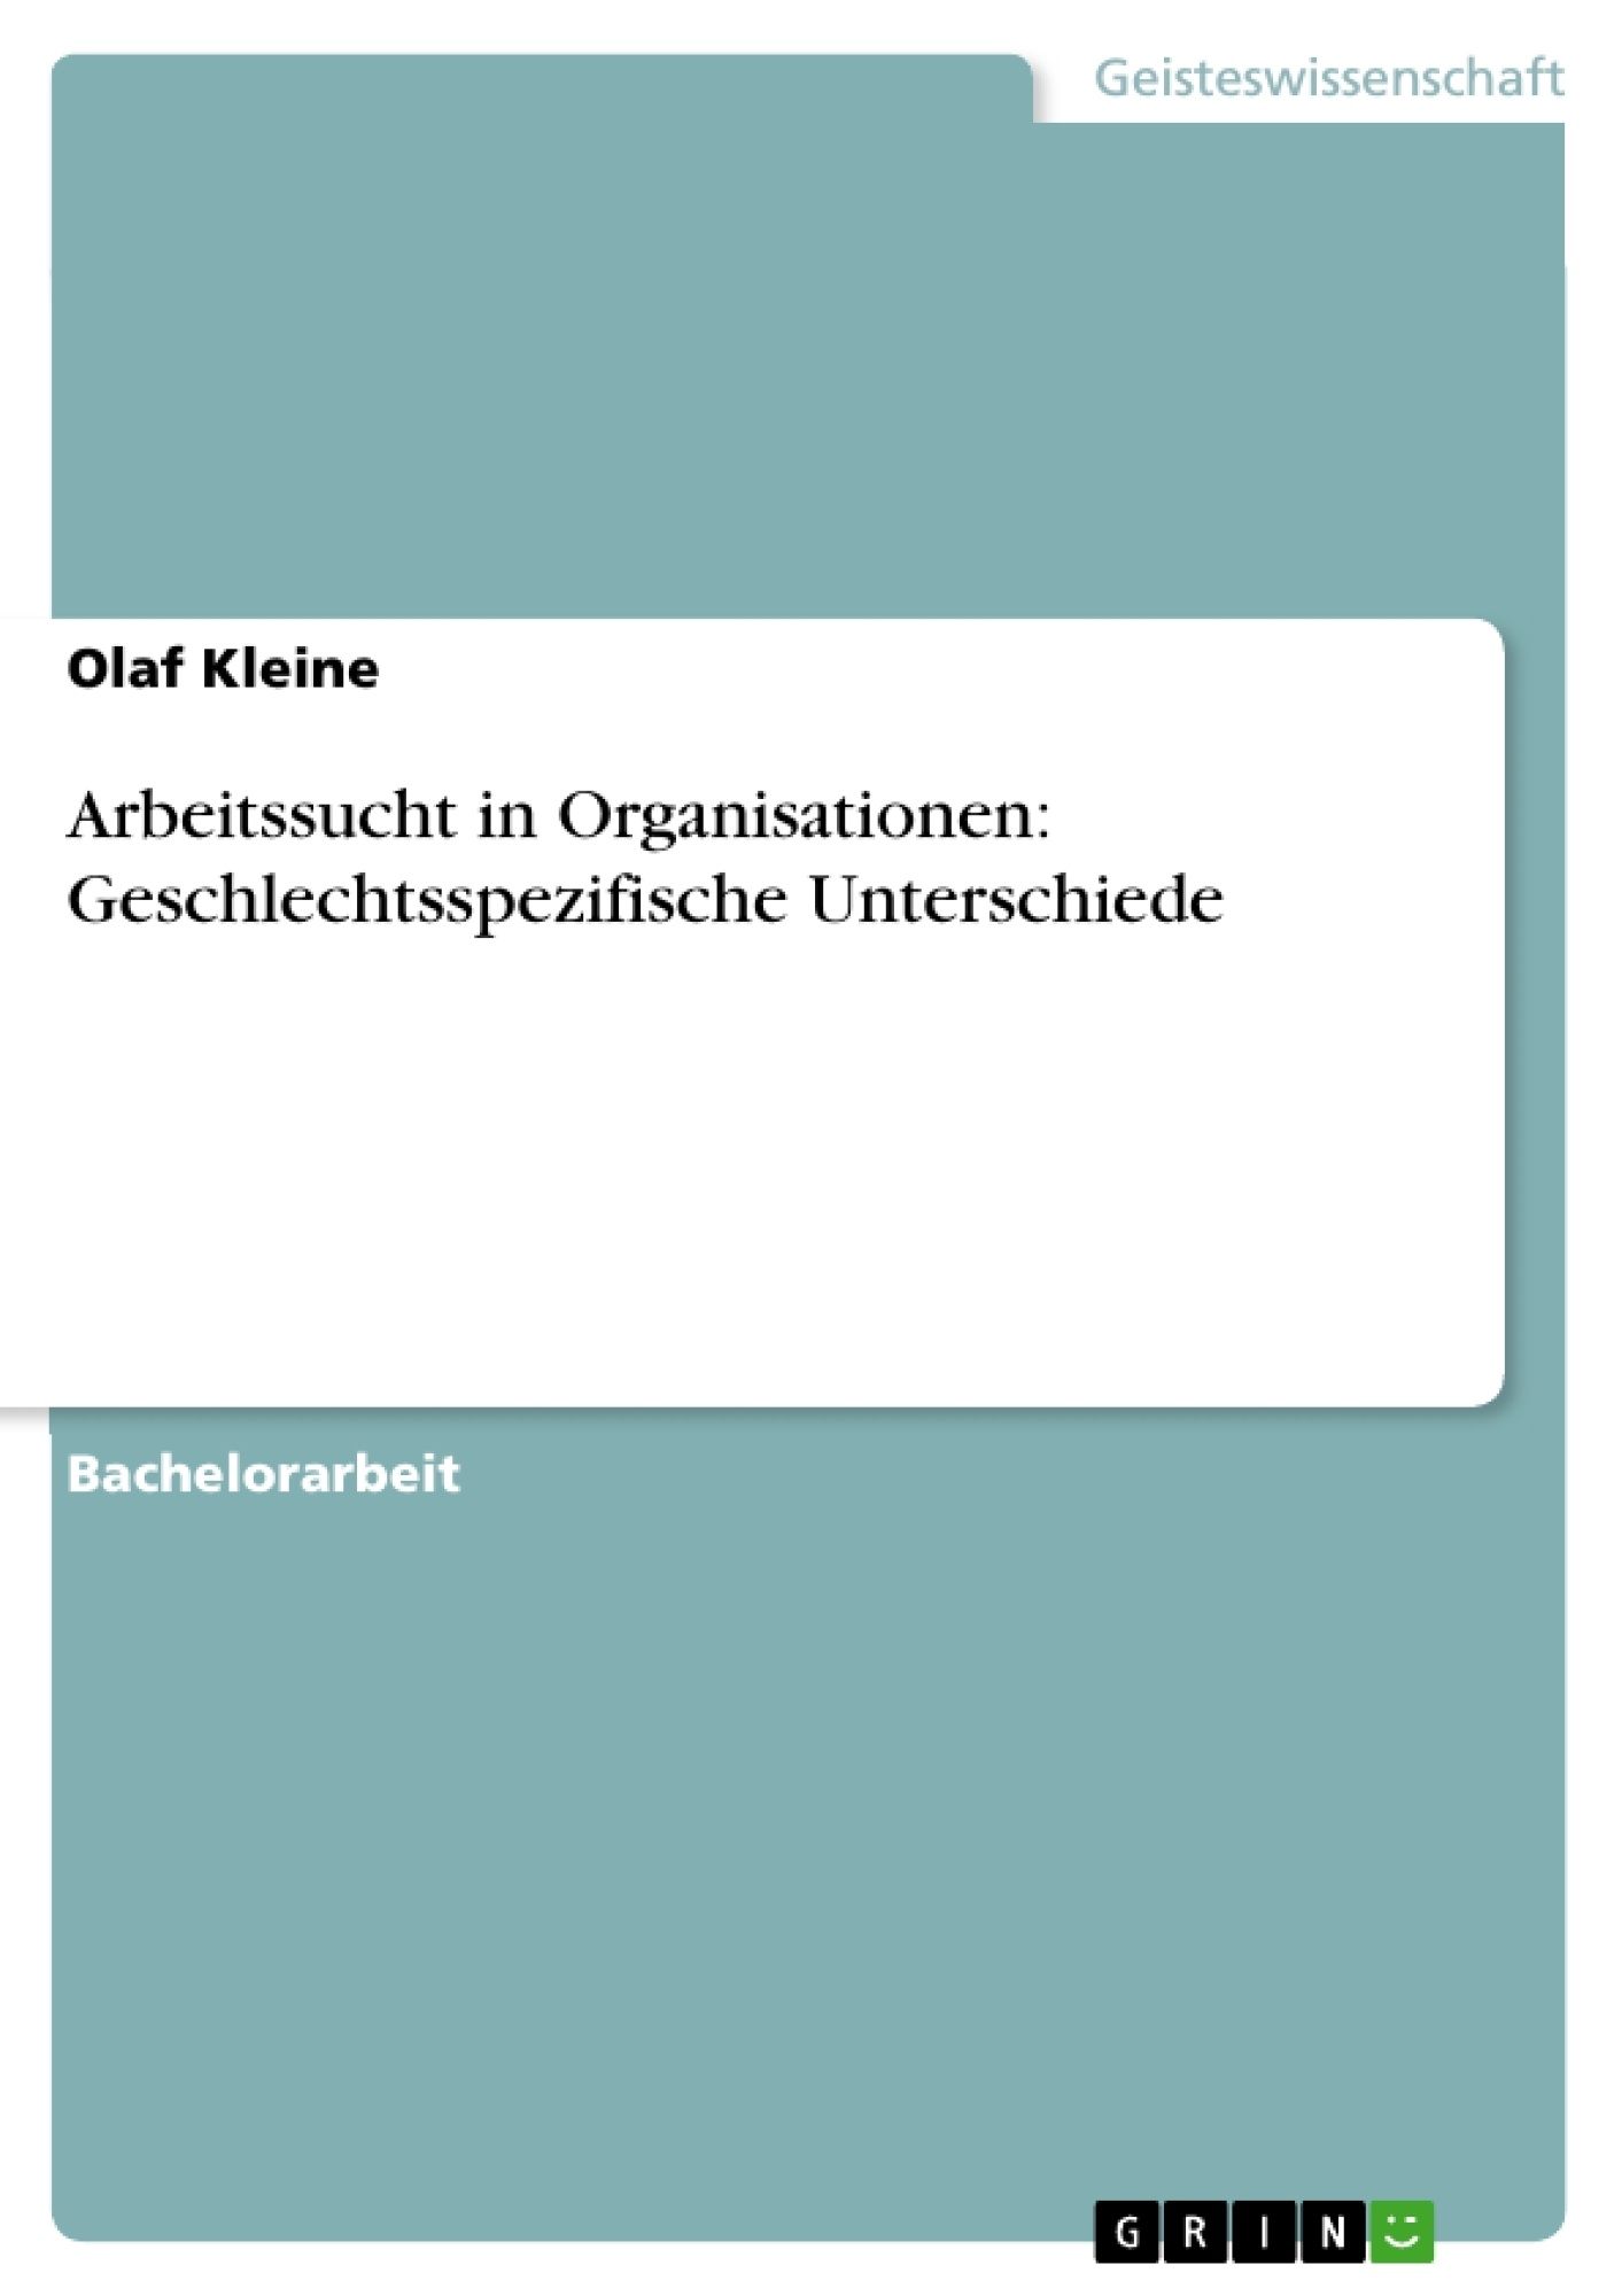 Titel: Arbeitssucht in Organisationen: Geschlechtsspezifische Unterschiede